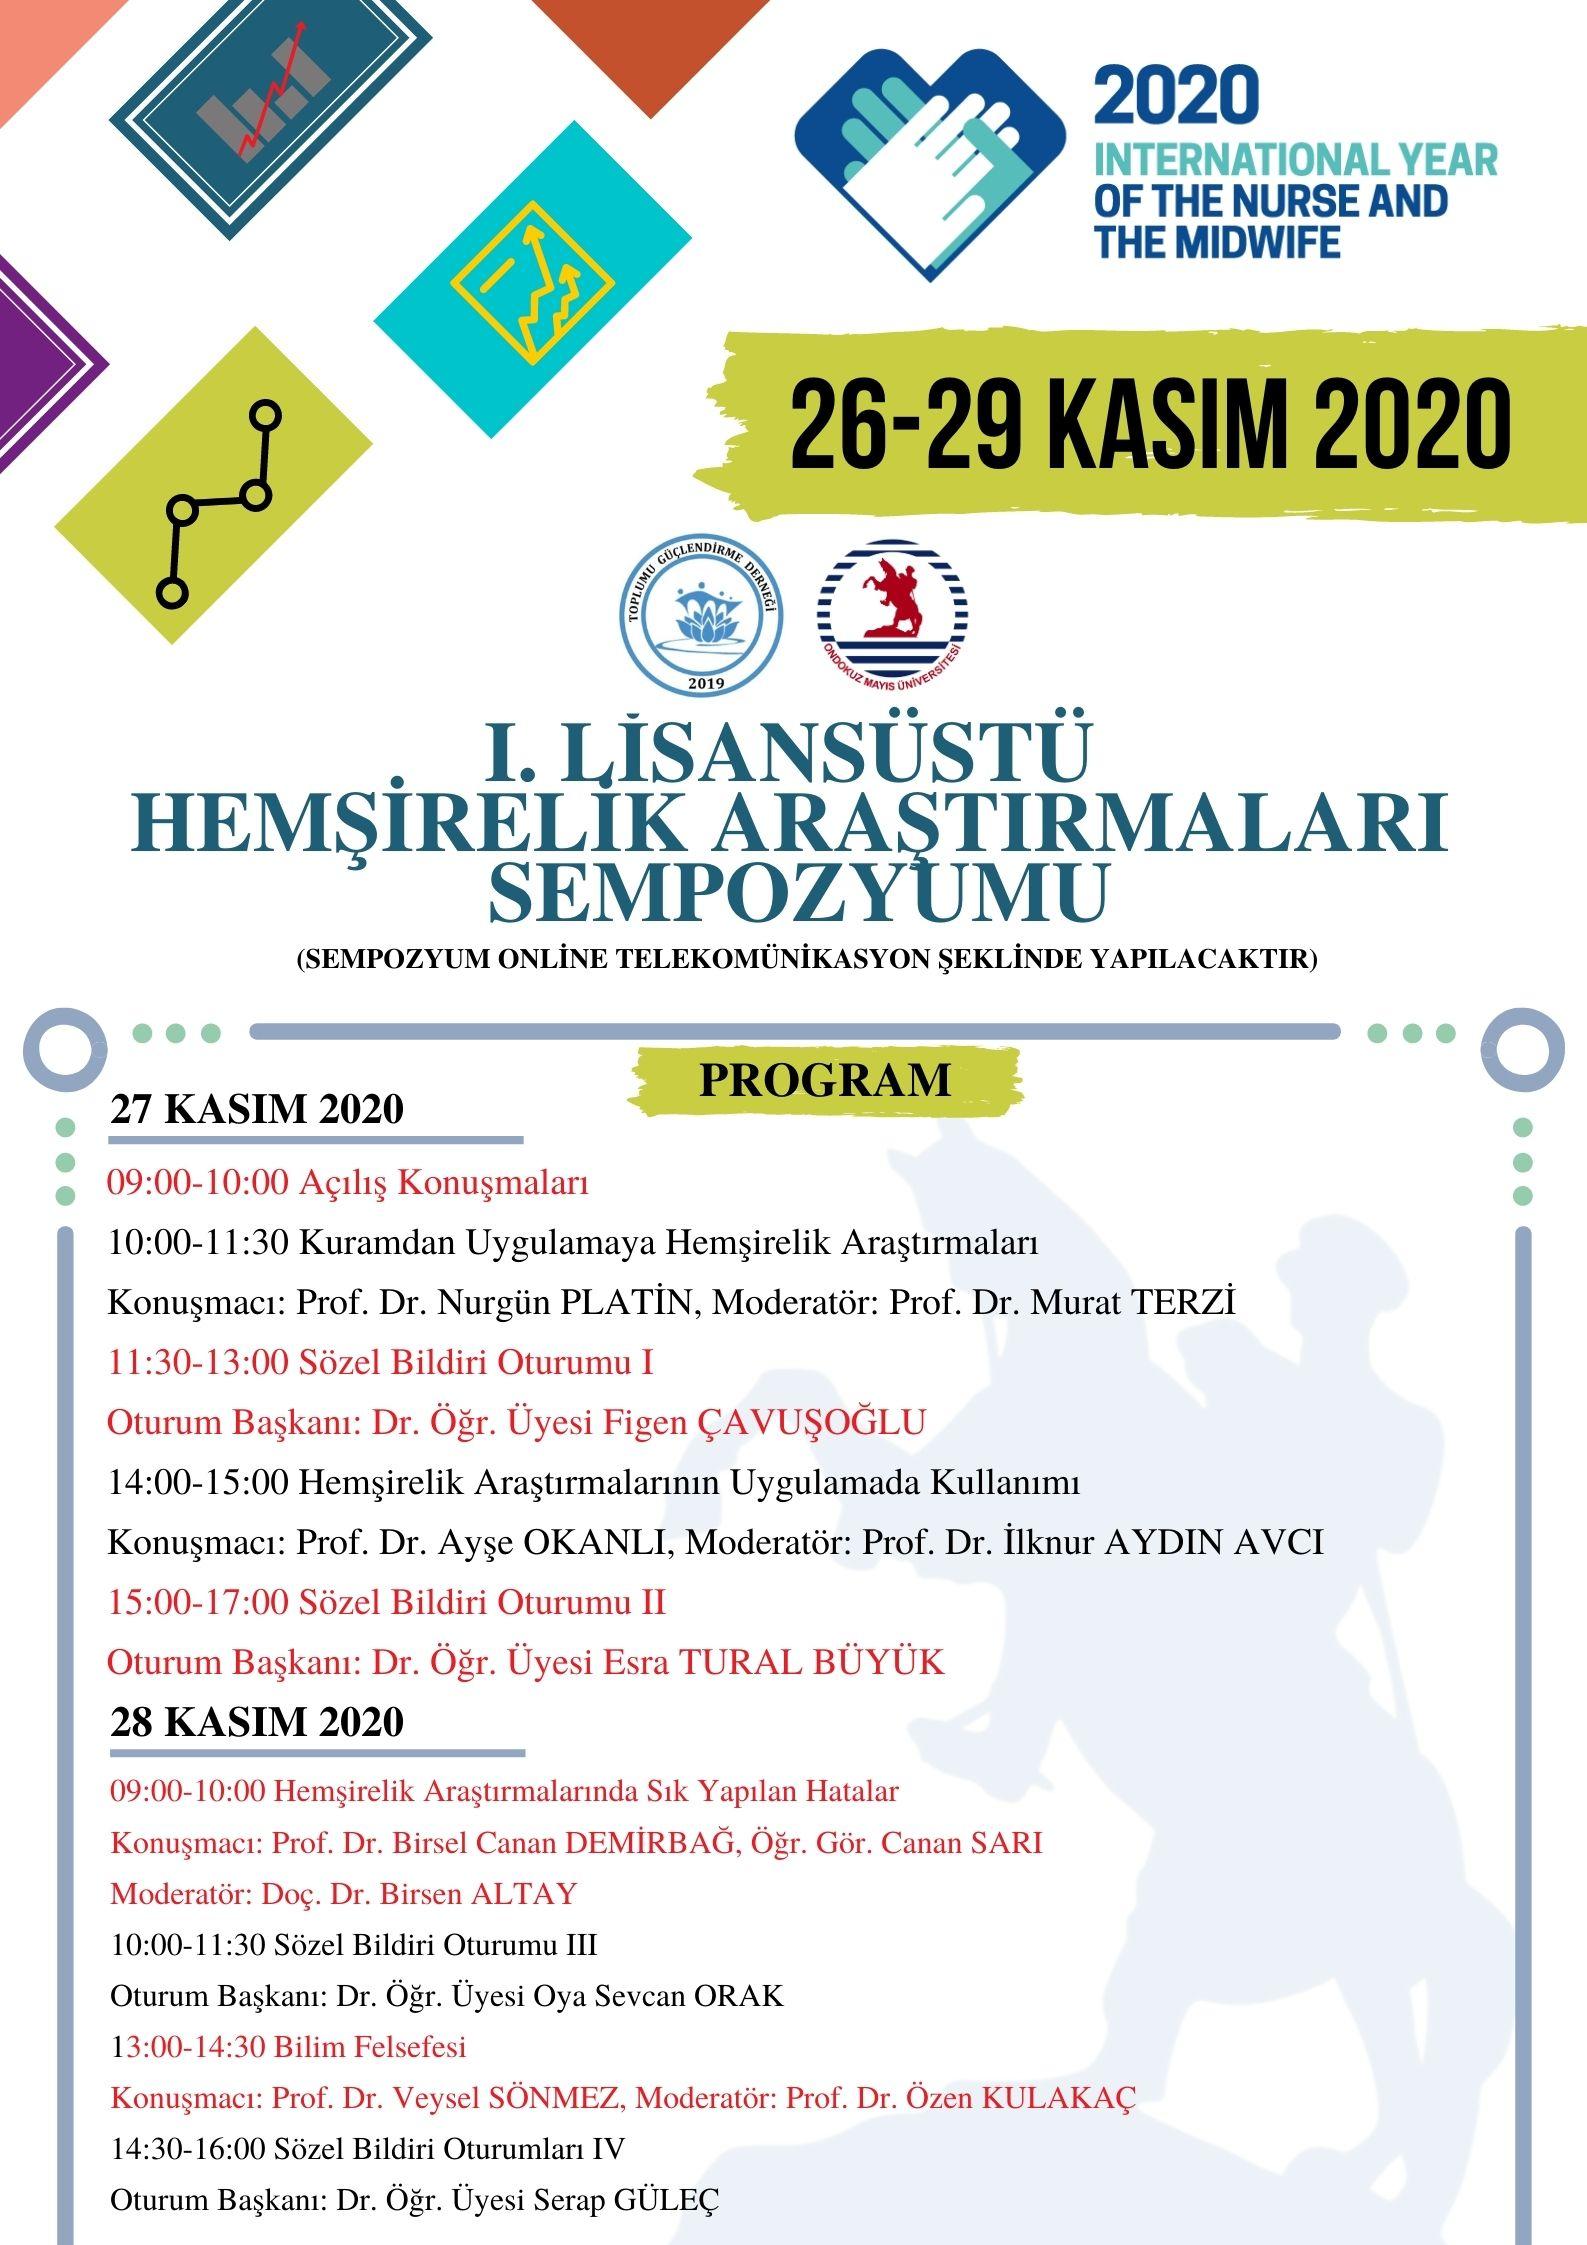 https://www.omu.edu.tr/sites/default/files/lisansustu_hemsirelik_arastirmalari_sempozyumu_1.jpg